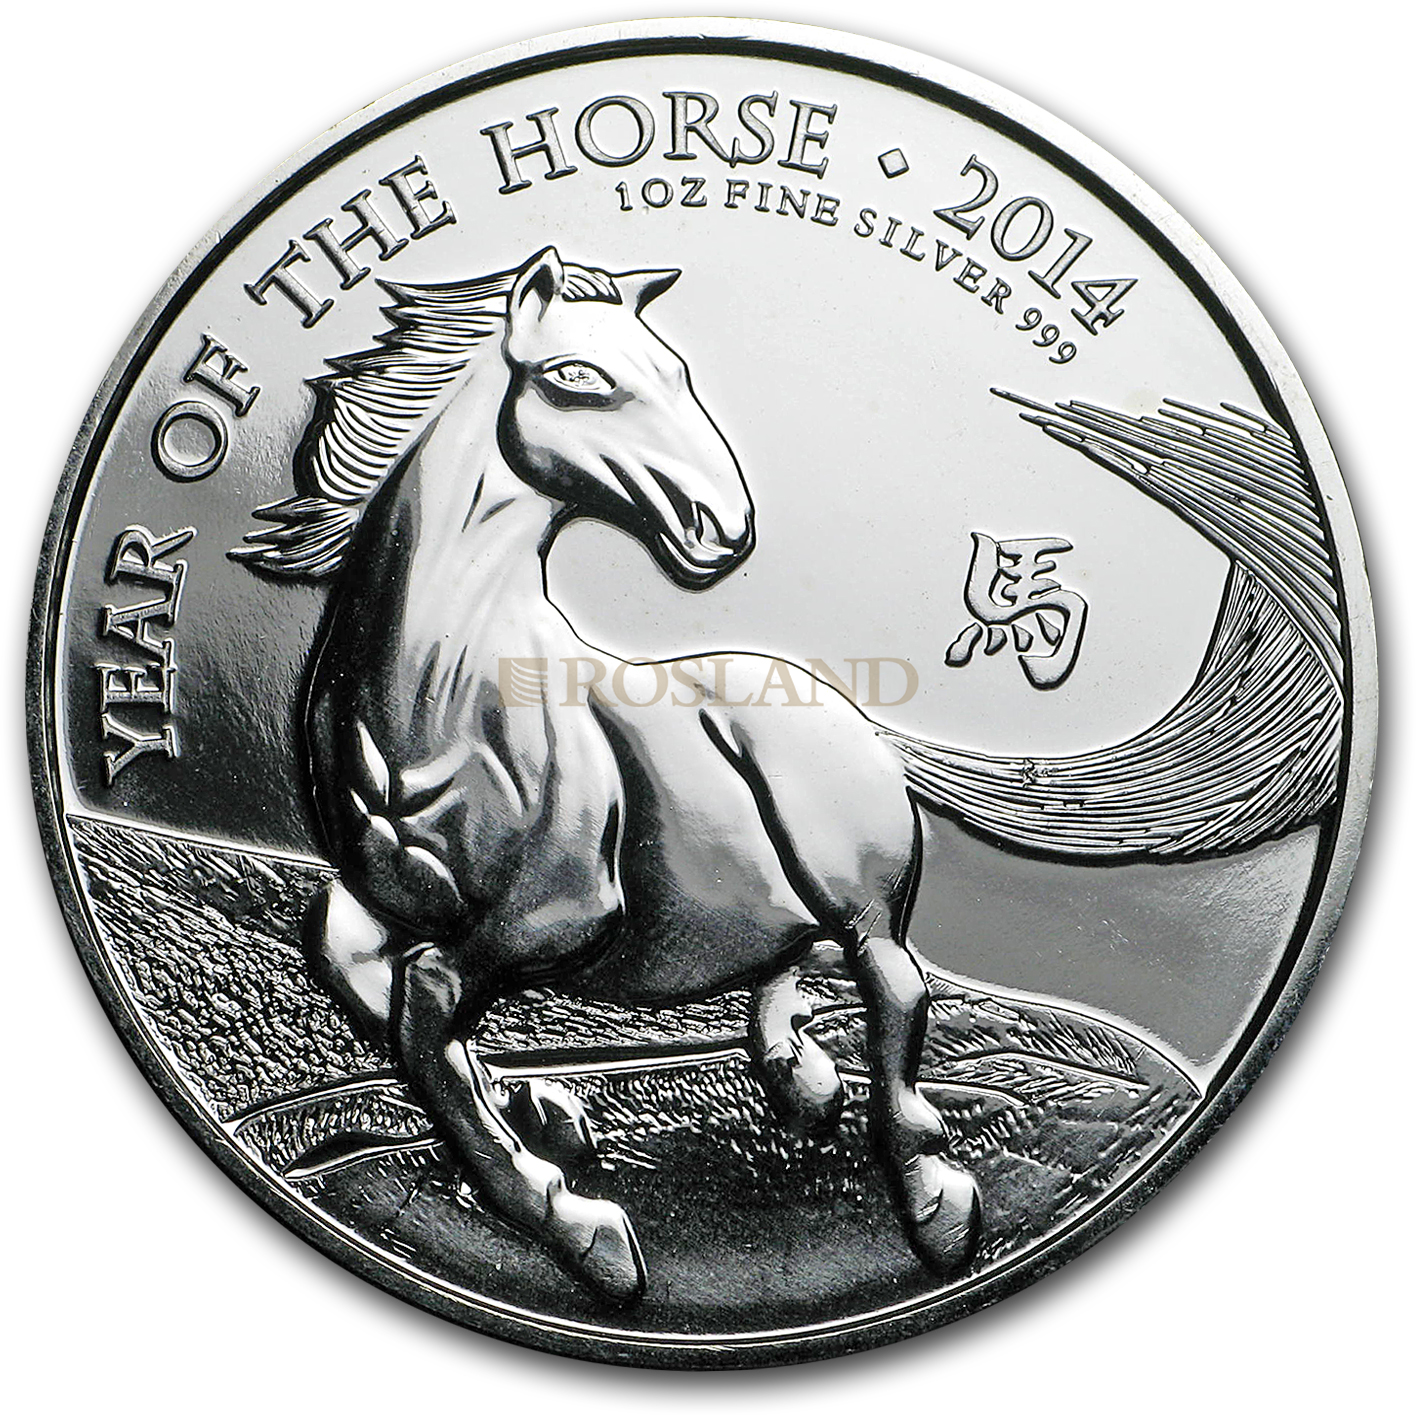 1 Unze Silbermünze Great Britain Jahr des Pferdes 2014